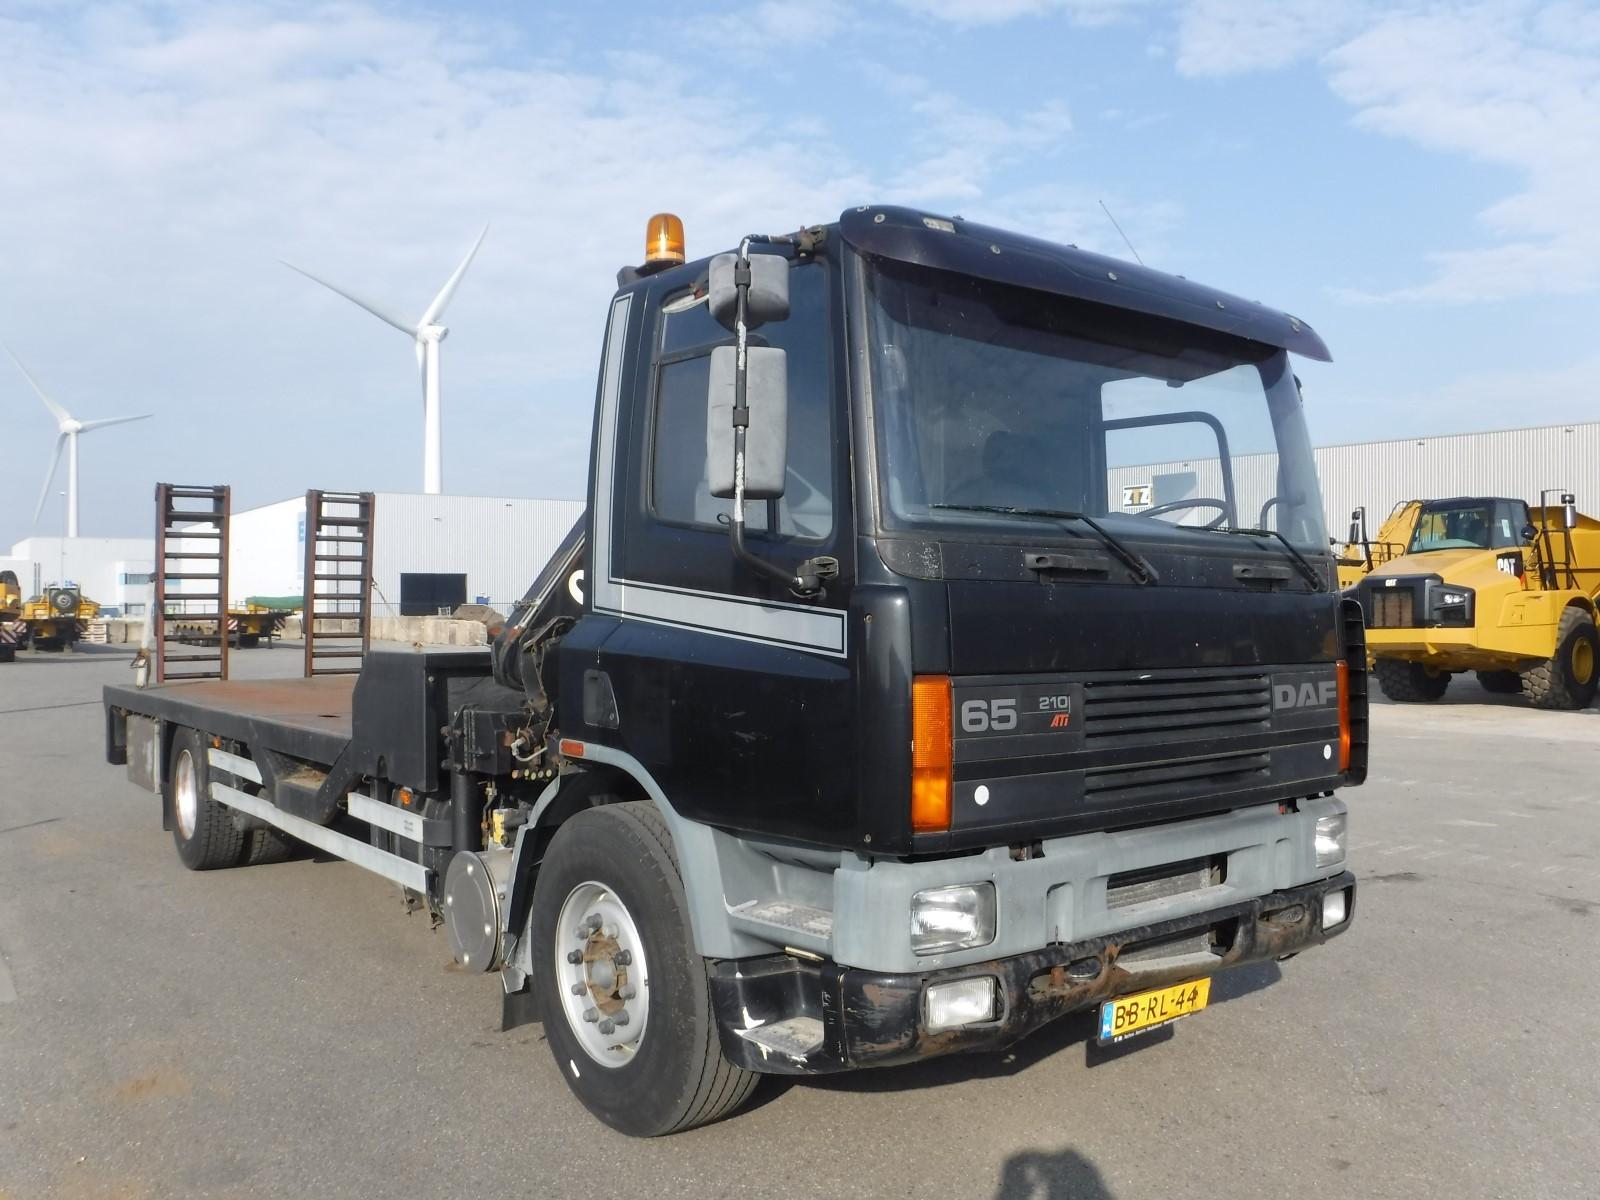 1994 - DAF 65-210 ATi